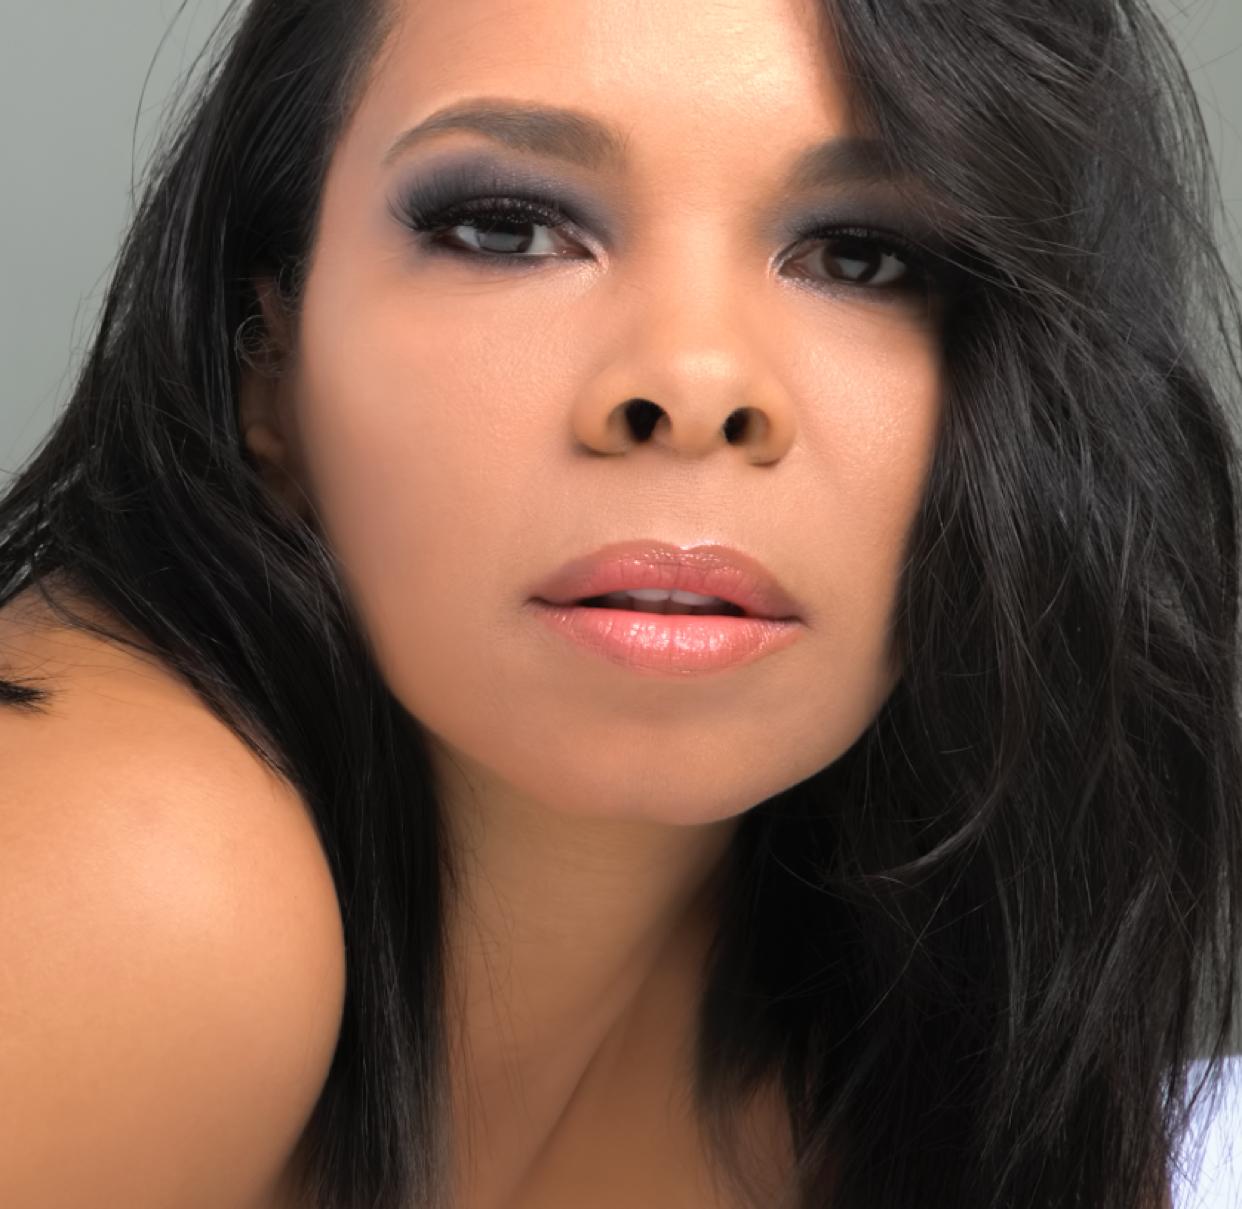 Avatar of Cherie Johnson